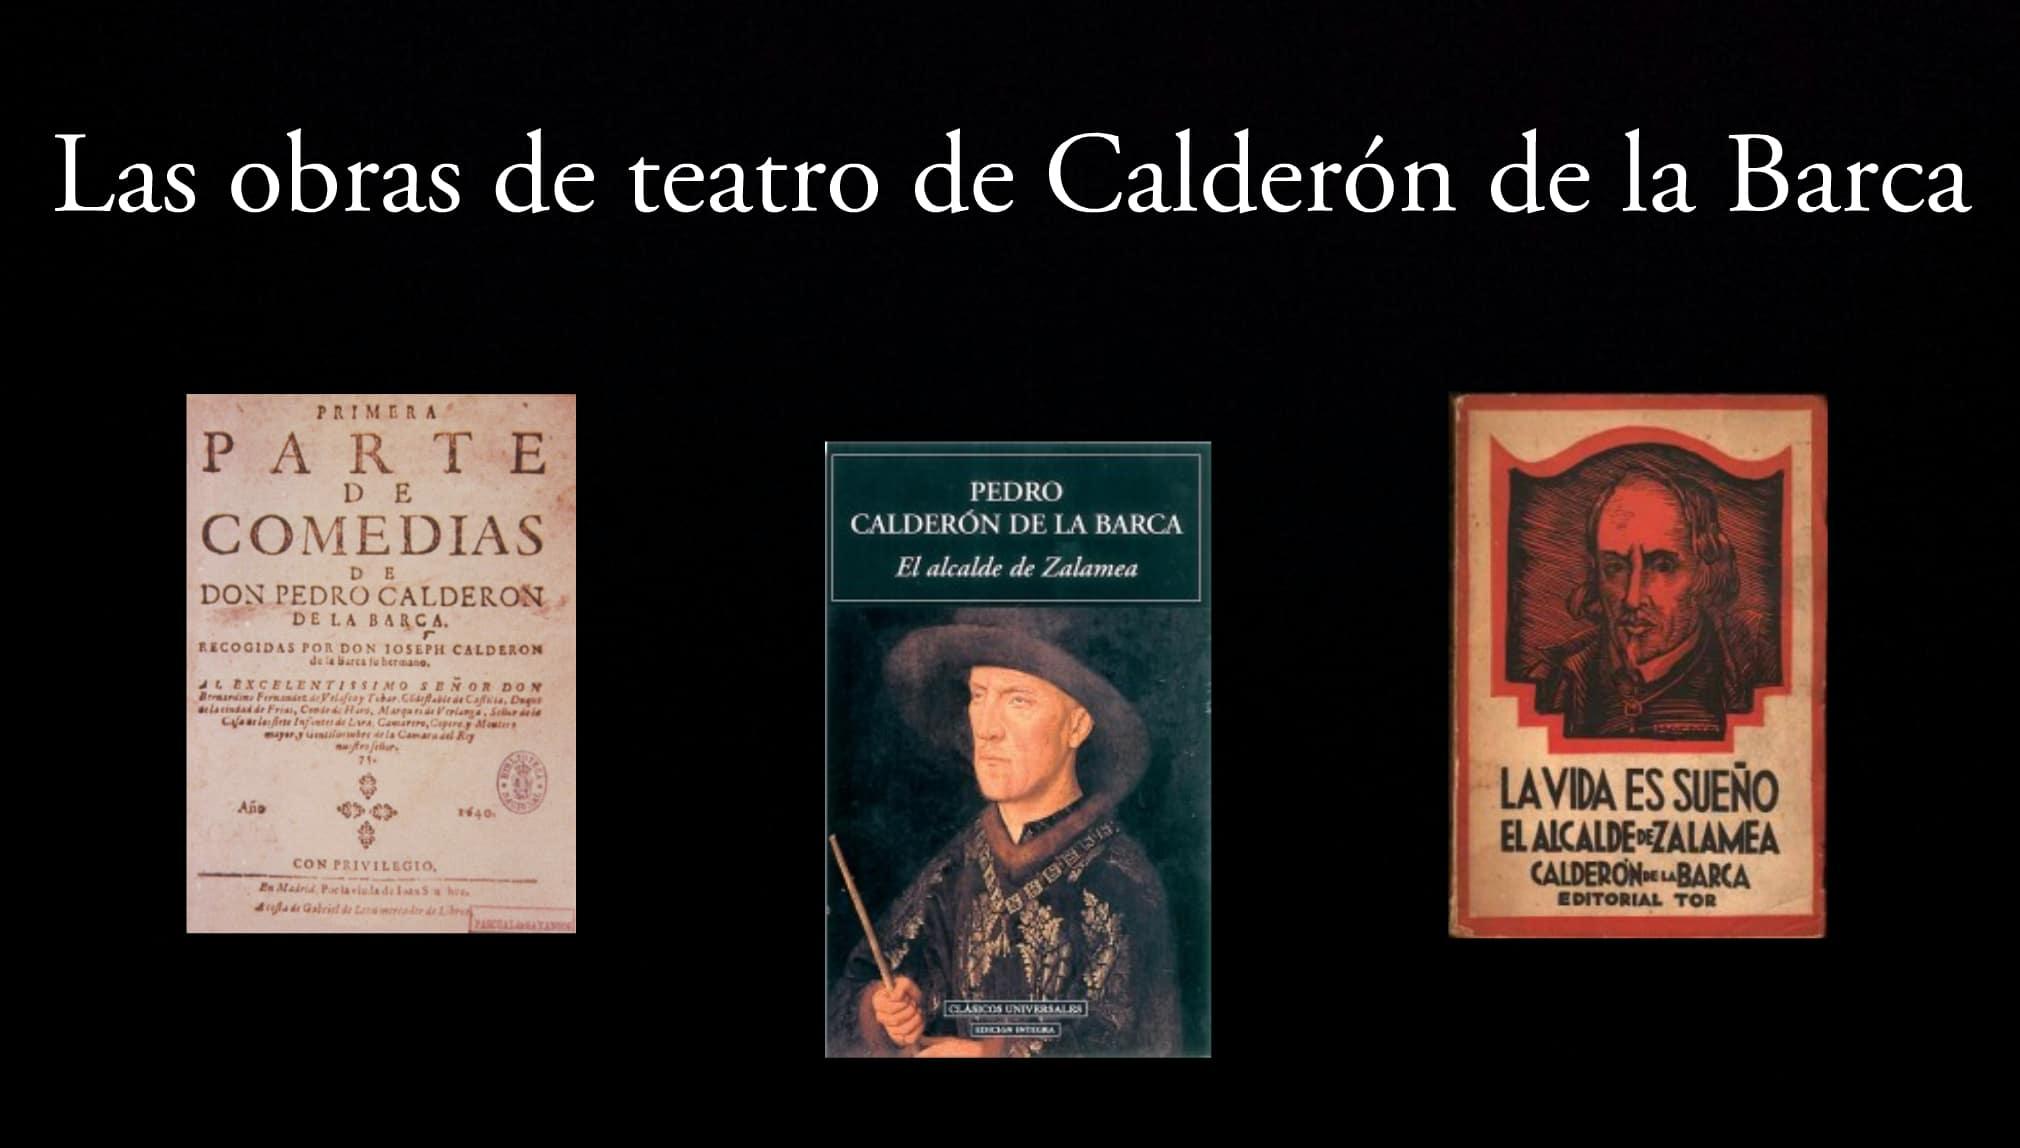 Las obras de teatro de Calderón de la Barca.